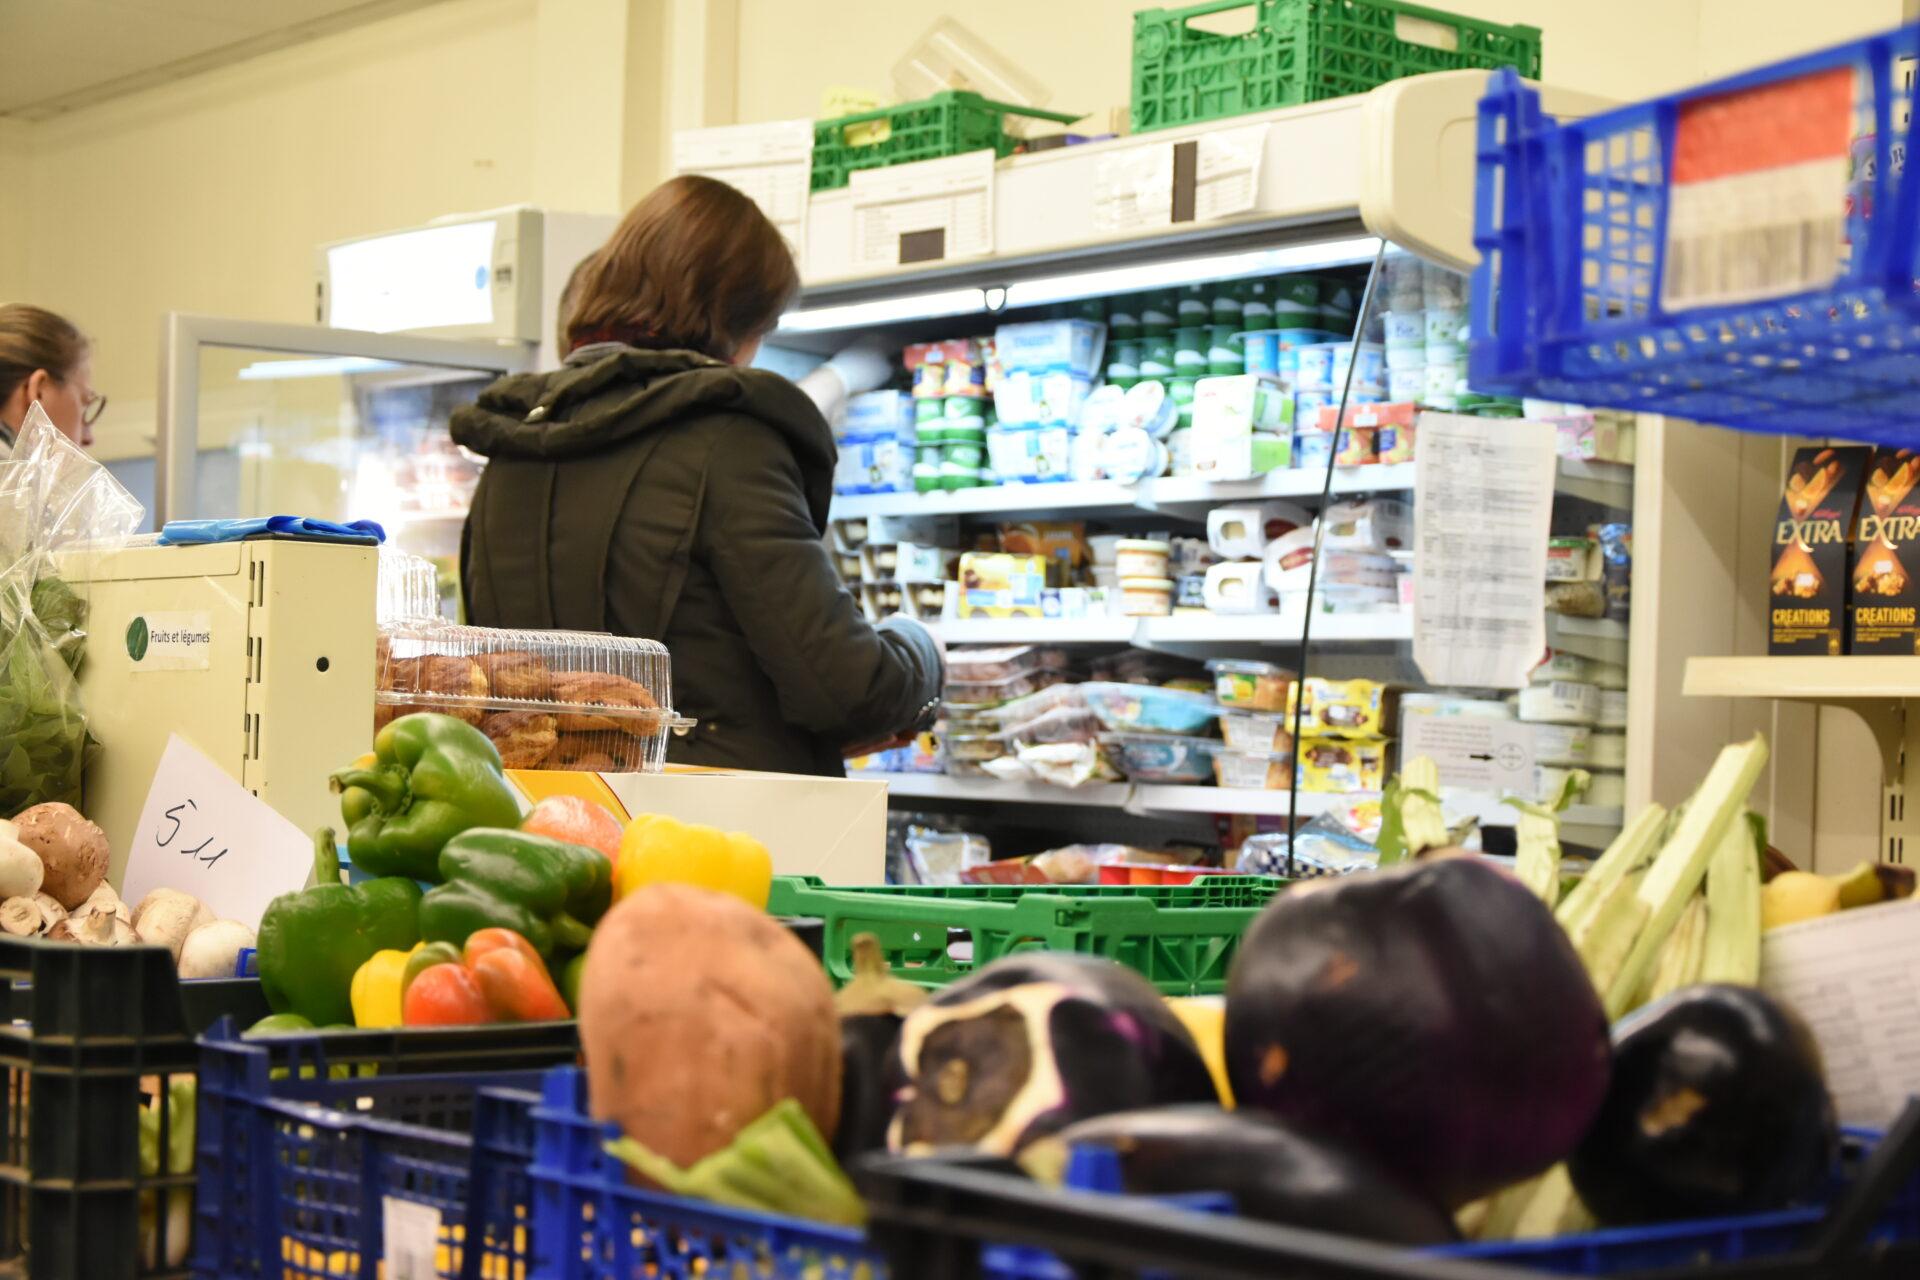 Mois du développement durable : L'épicerie sociale et solidaire EPIREUIL